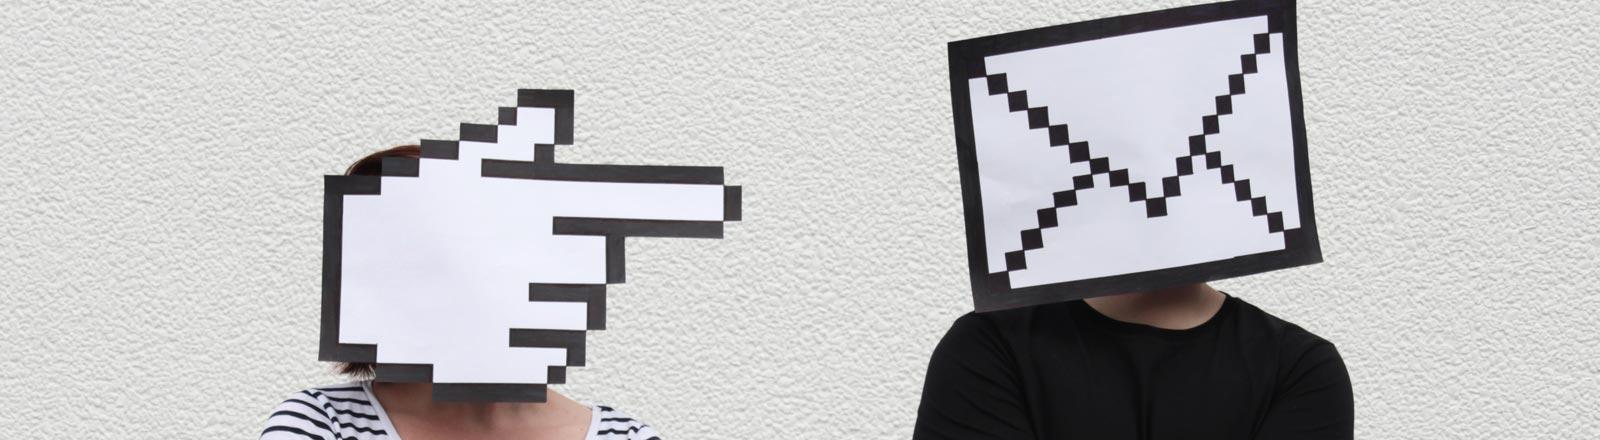 Zwei Personen tragen Gesichtsmasken aus einem Mauszeiger-Icon und einem Brief-Icon.